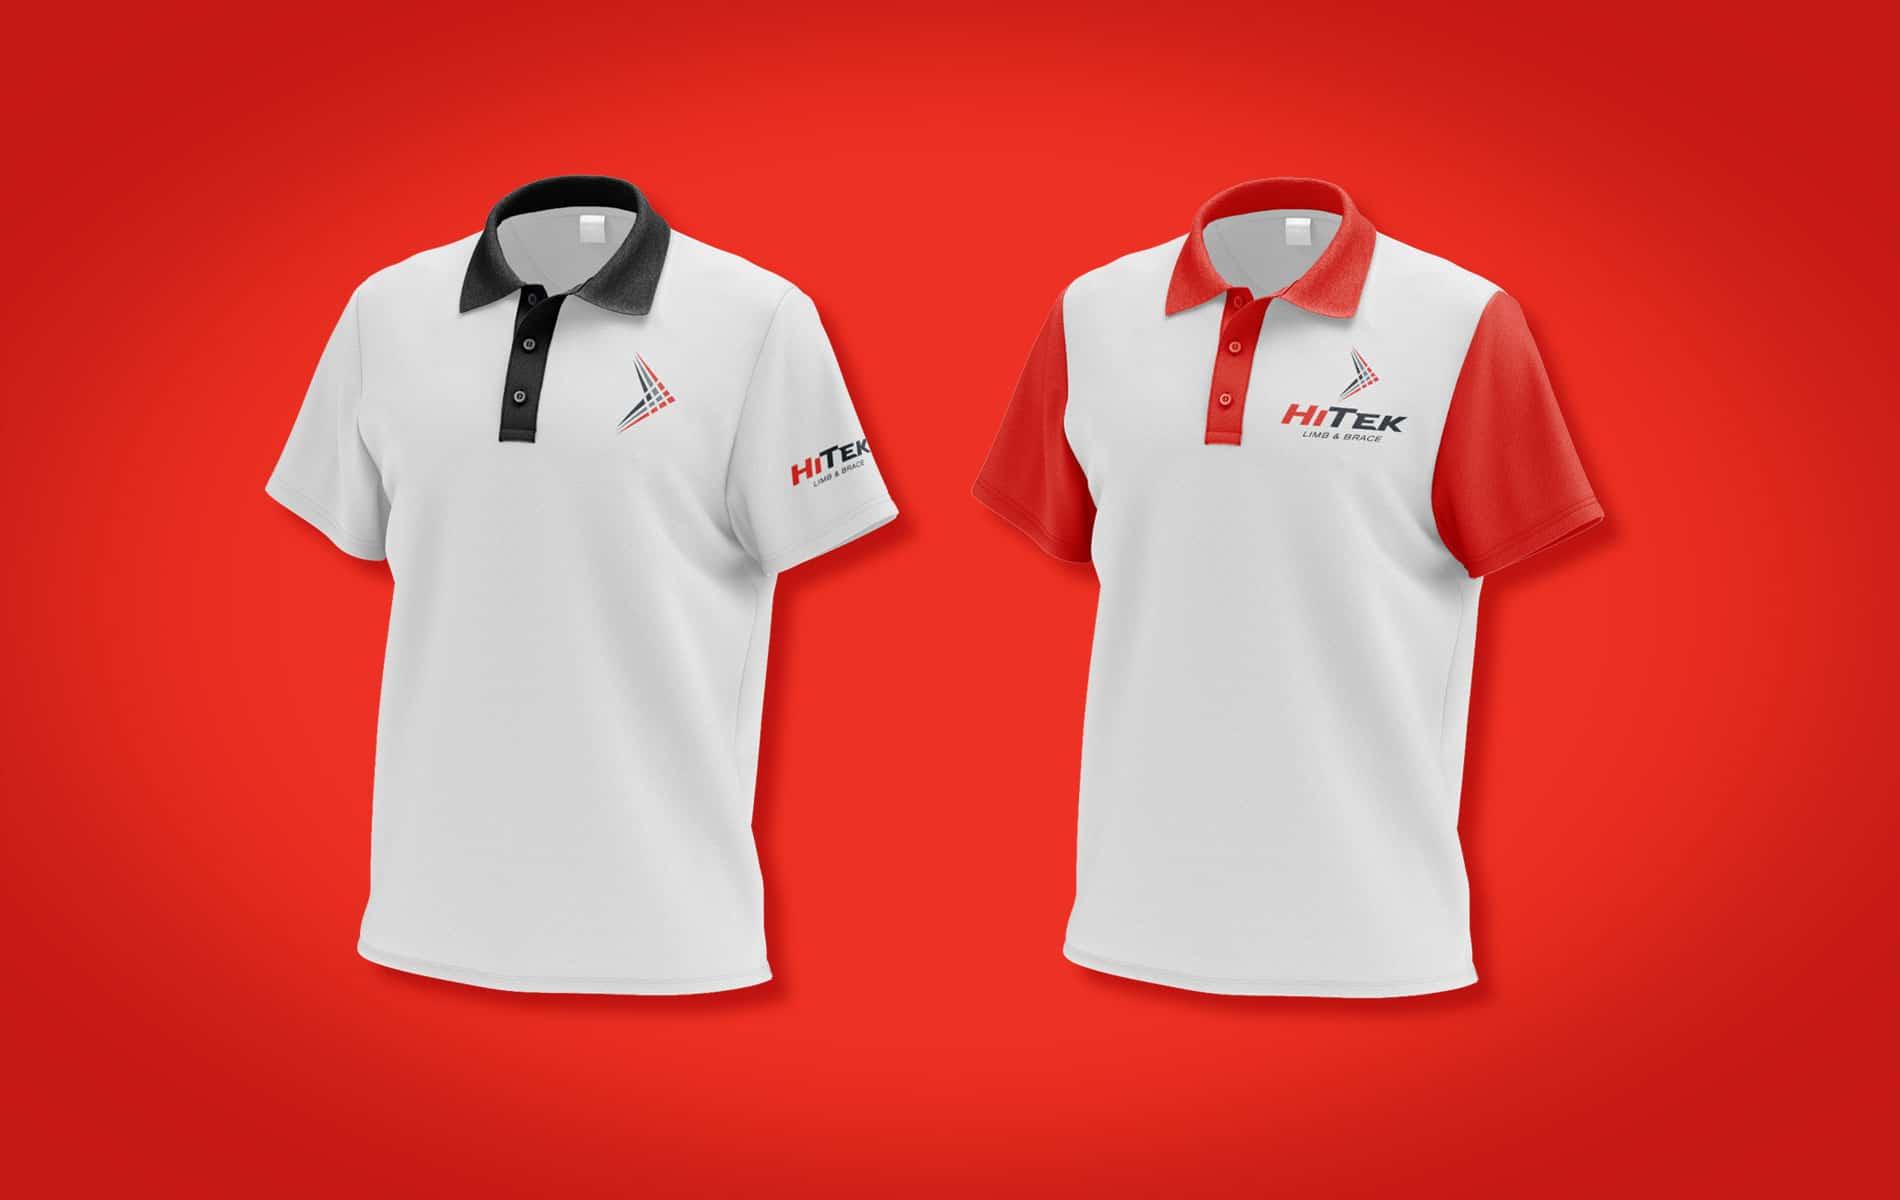 HiTek collared shirt designs